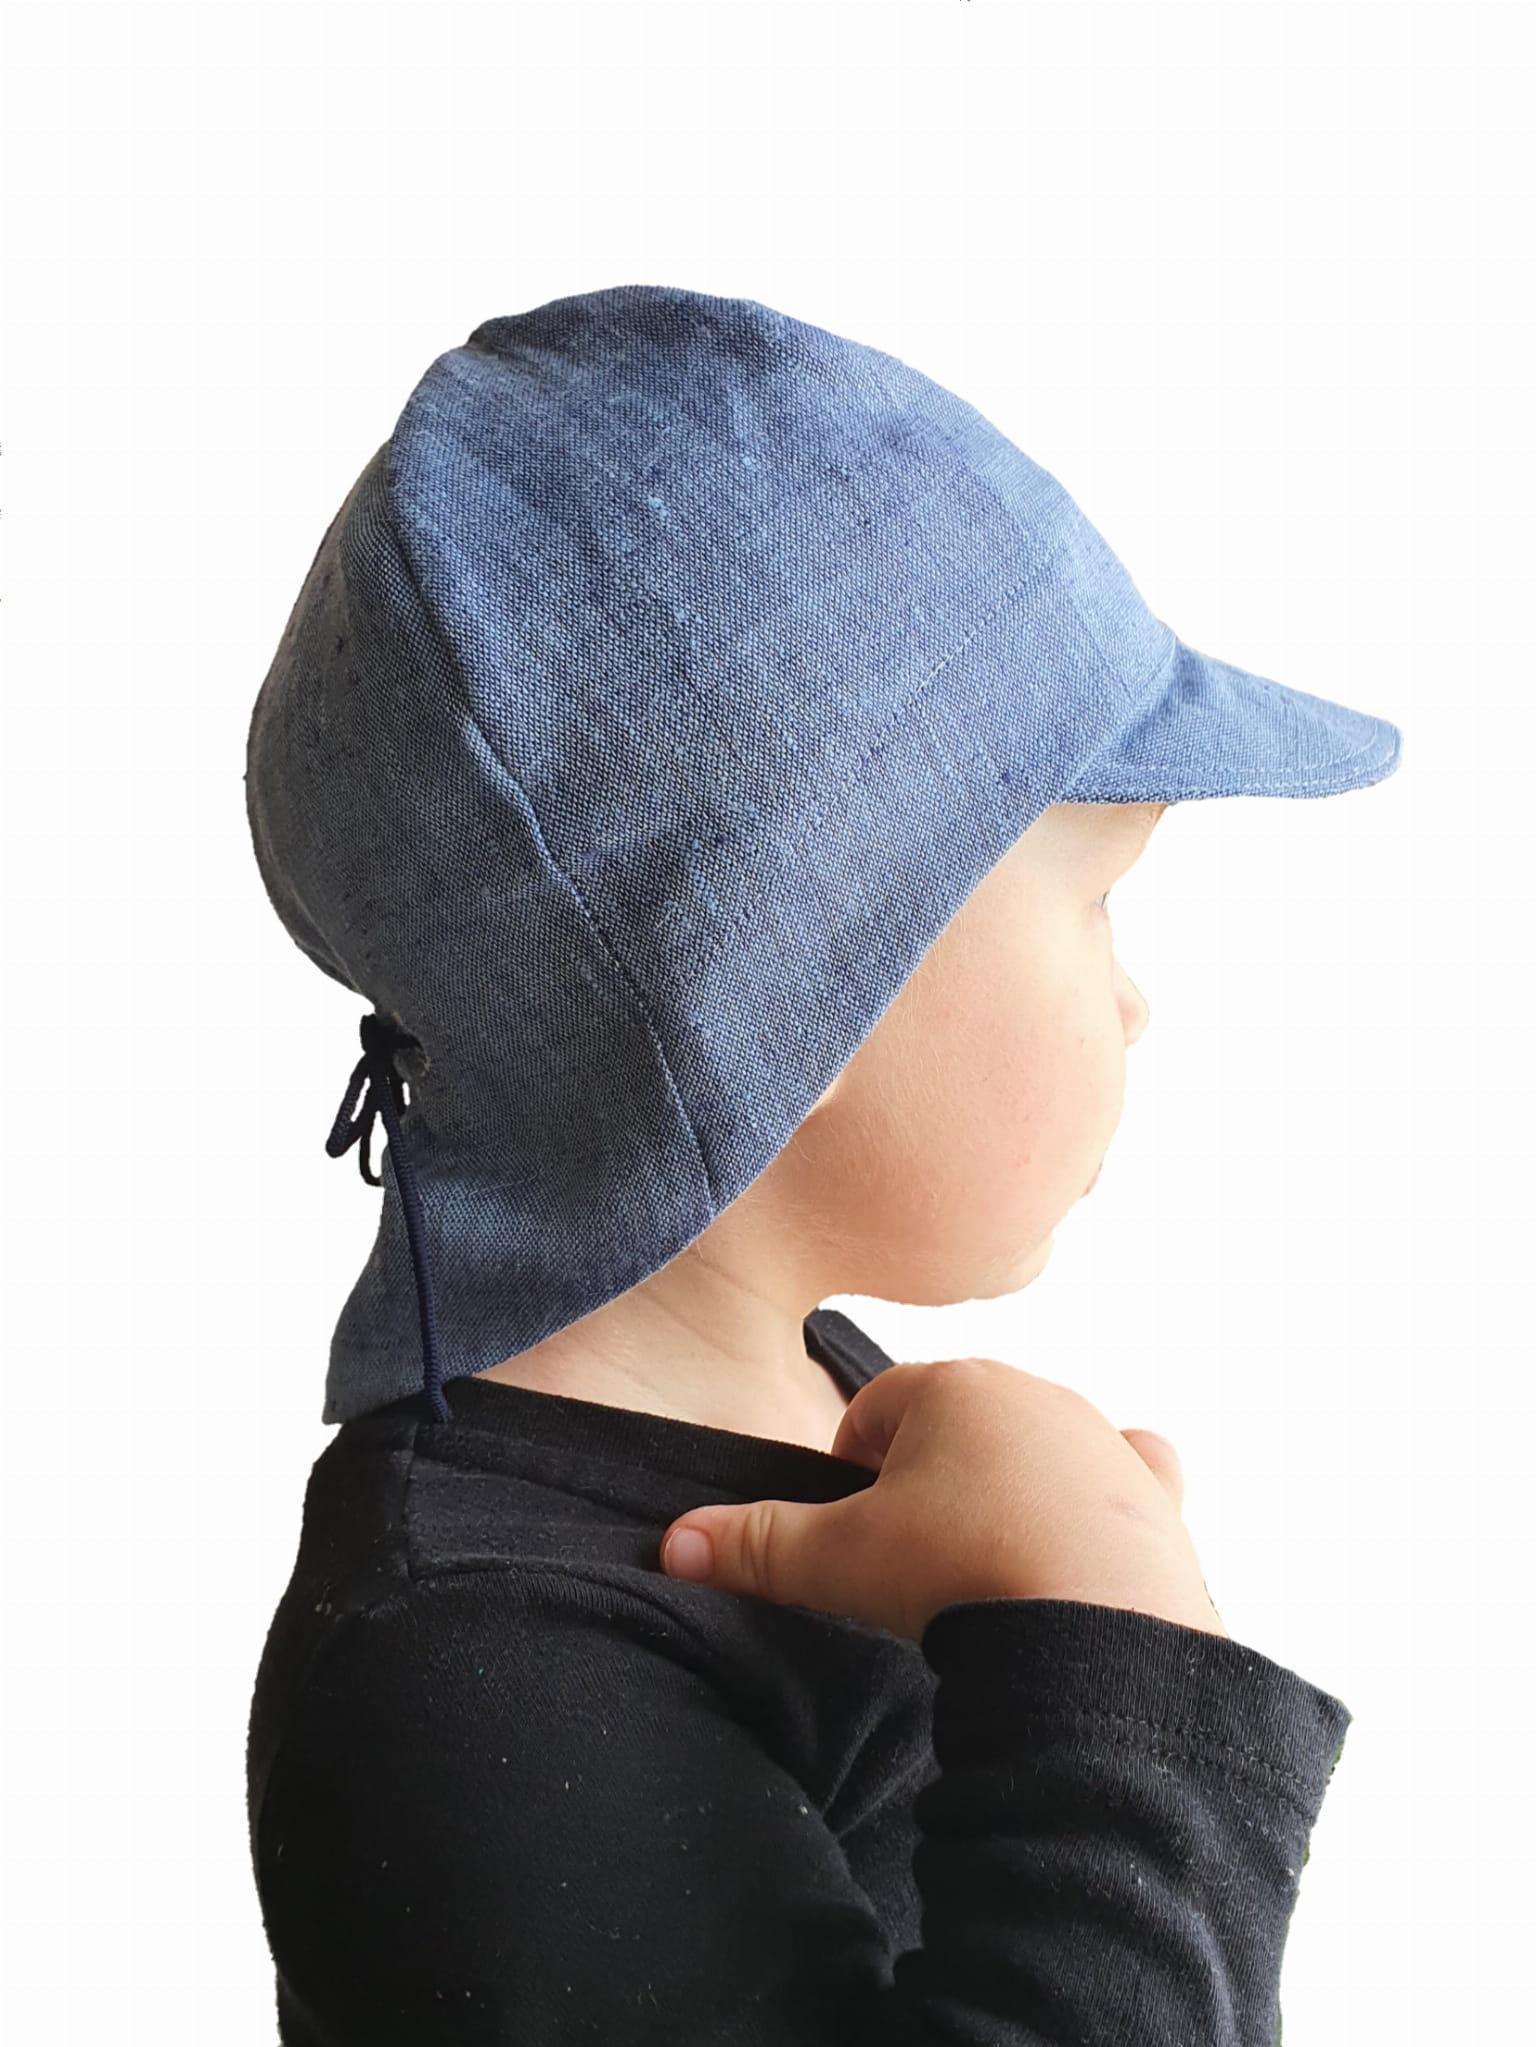 Czapka przeciwsłoneczna uszyta ze 100% lnu z osłonką na kark dla dzieci w wieku 0-8 lat. - Daszek przeciwsłoneczny. - Osłonka na kark chroniąca przed słońcem. - Regulacja na gumkę pozwalająca na idealne dopasowanie do obwodu głowy. -Przetestowana przy zabawach - nie spada z głowy i nie osuwa się na oczy podczas biegania, skakania jady na rowerku! - Naturalny materiał jakim jest len nie powoduje pocenia się główki dziecka. - Kolor denim. - Uszyta z wykorzystaniem odnawialnych źródeł energii.